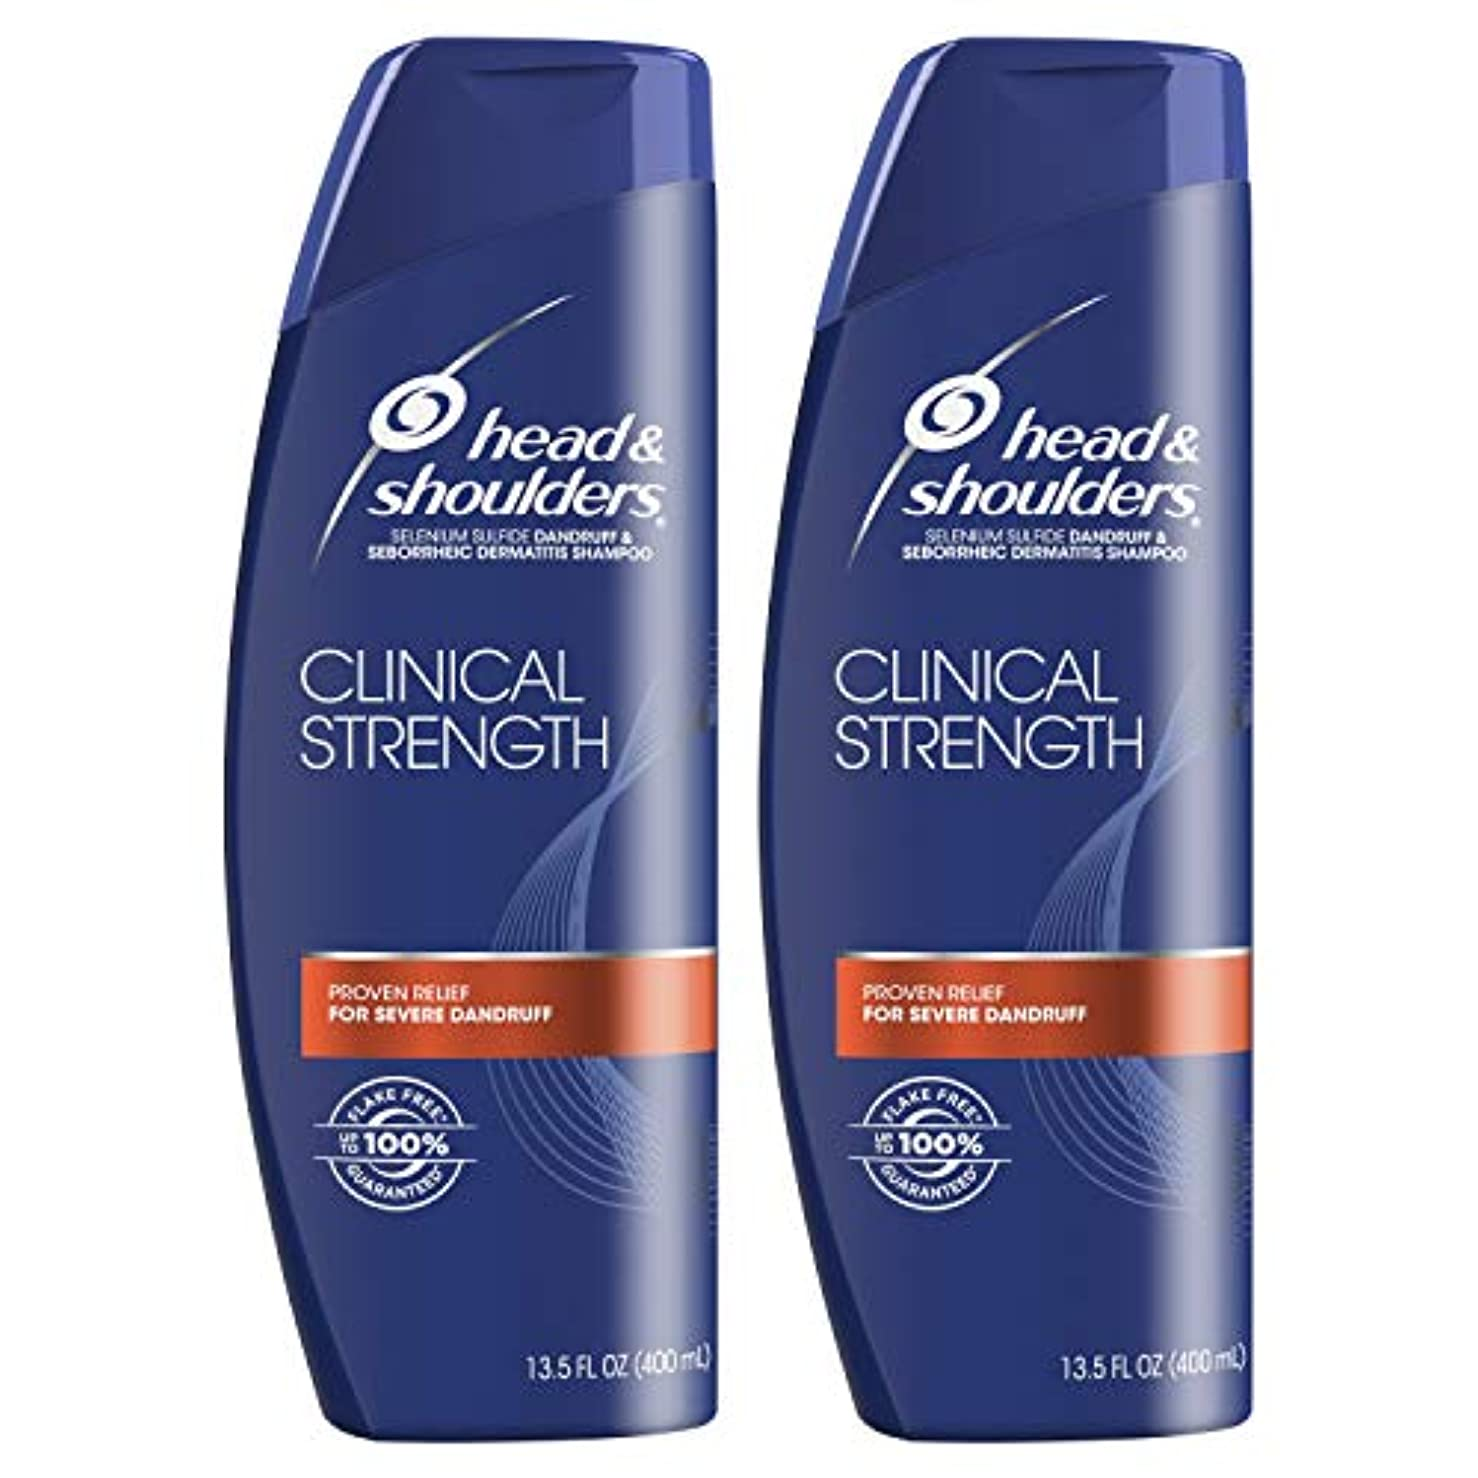 指定する羨望脳Head and Shoulders Clinical Strength Dandruff and Seborrheic Dermatitisシャンプー、13.5 FL OZ